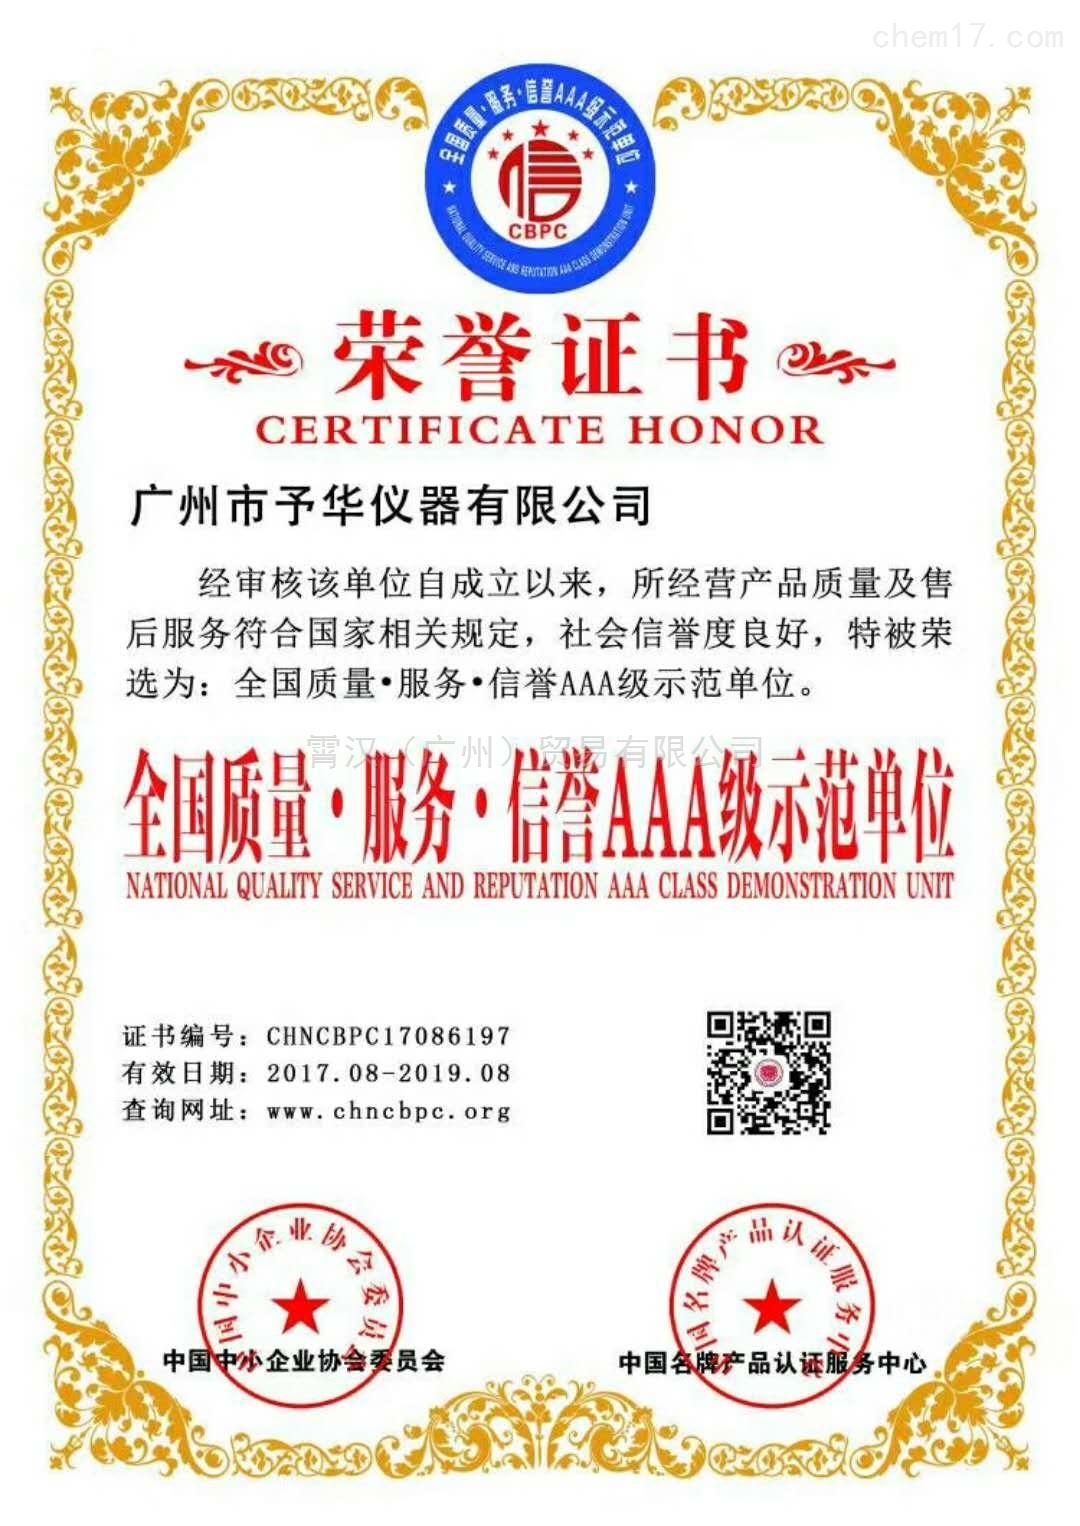 全国质量服务信誉AAA级示范单位